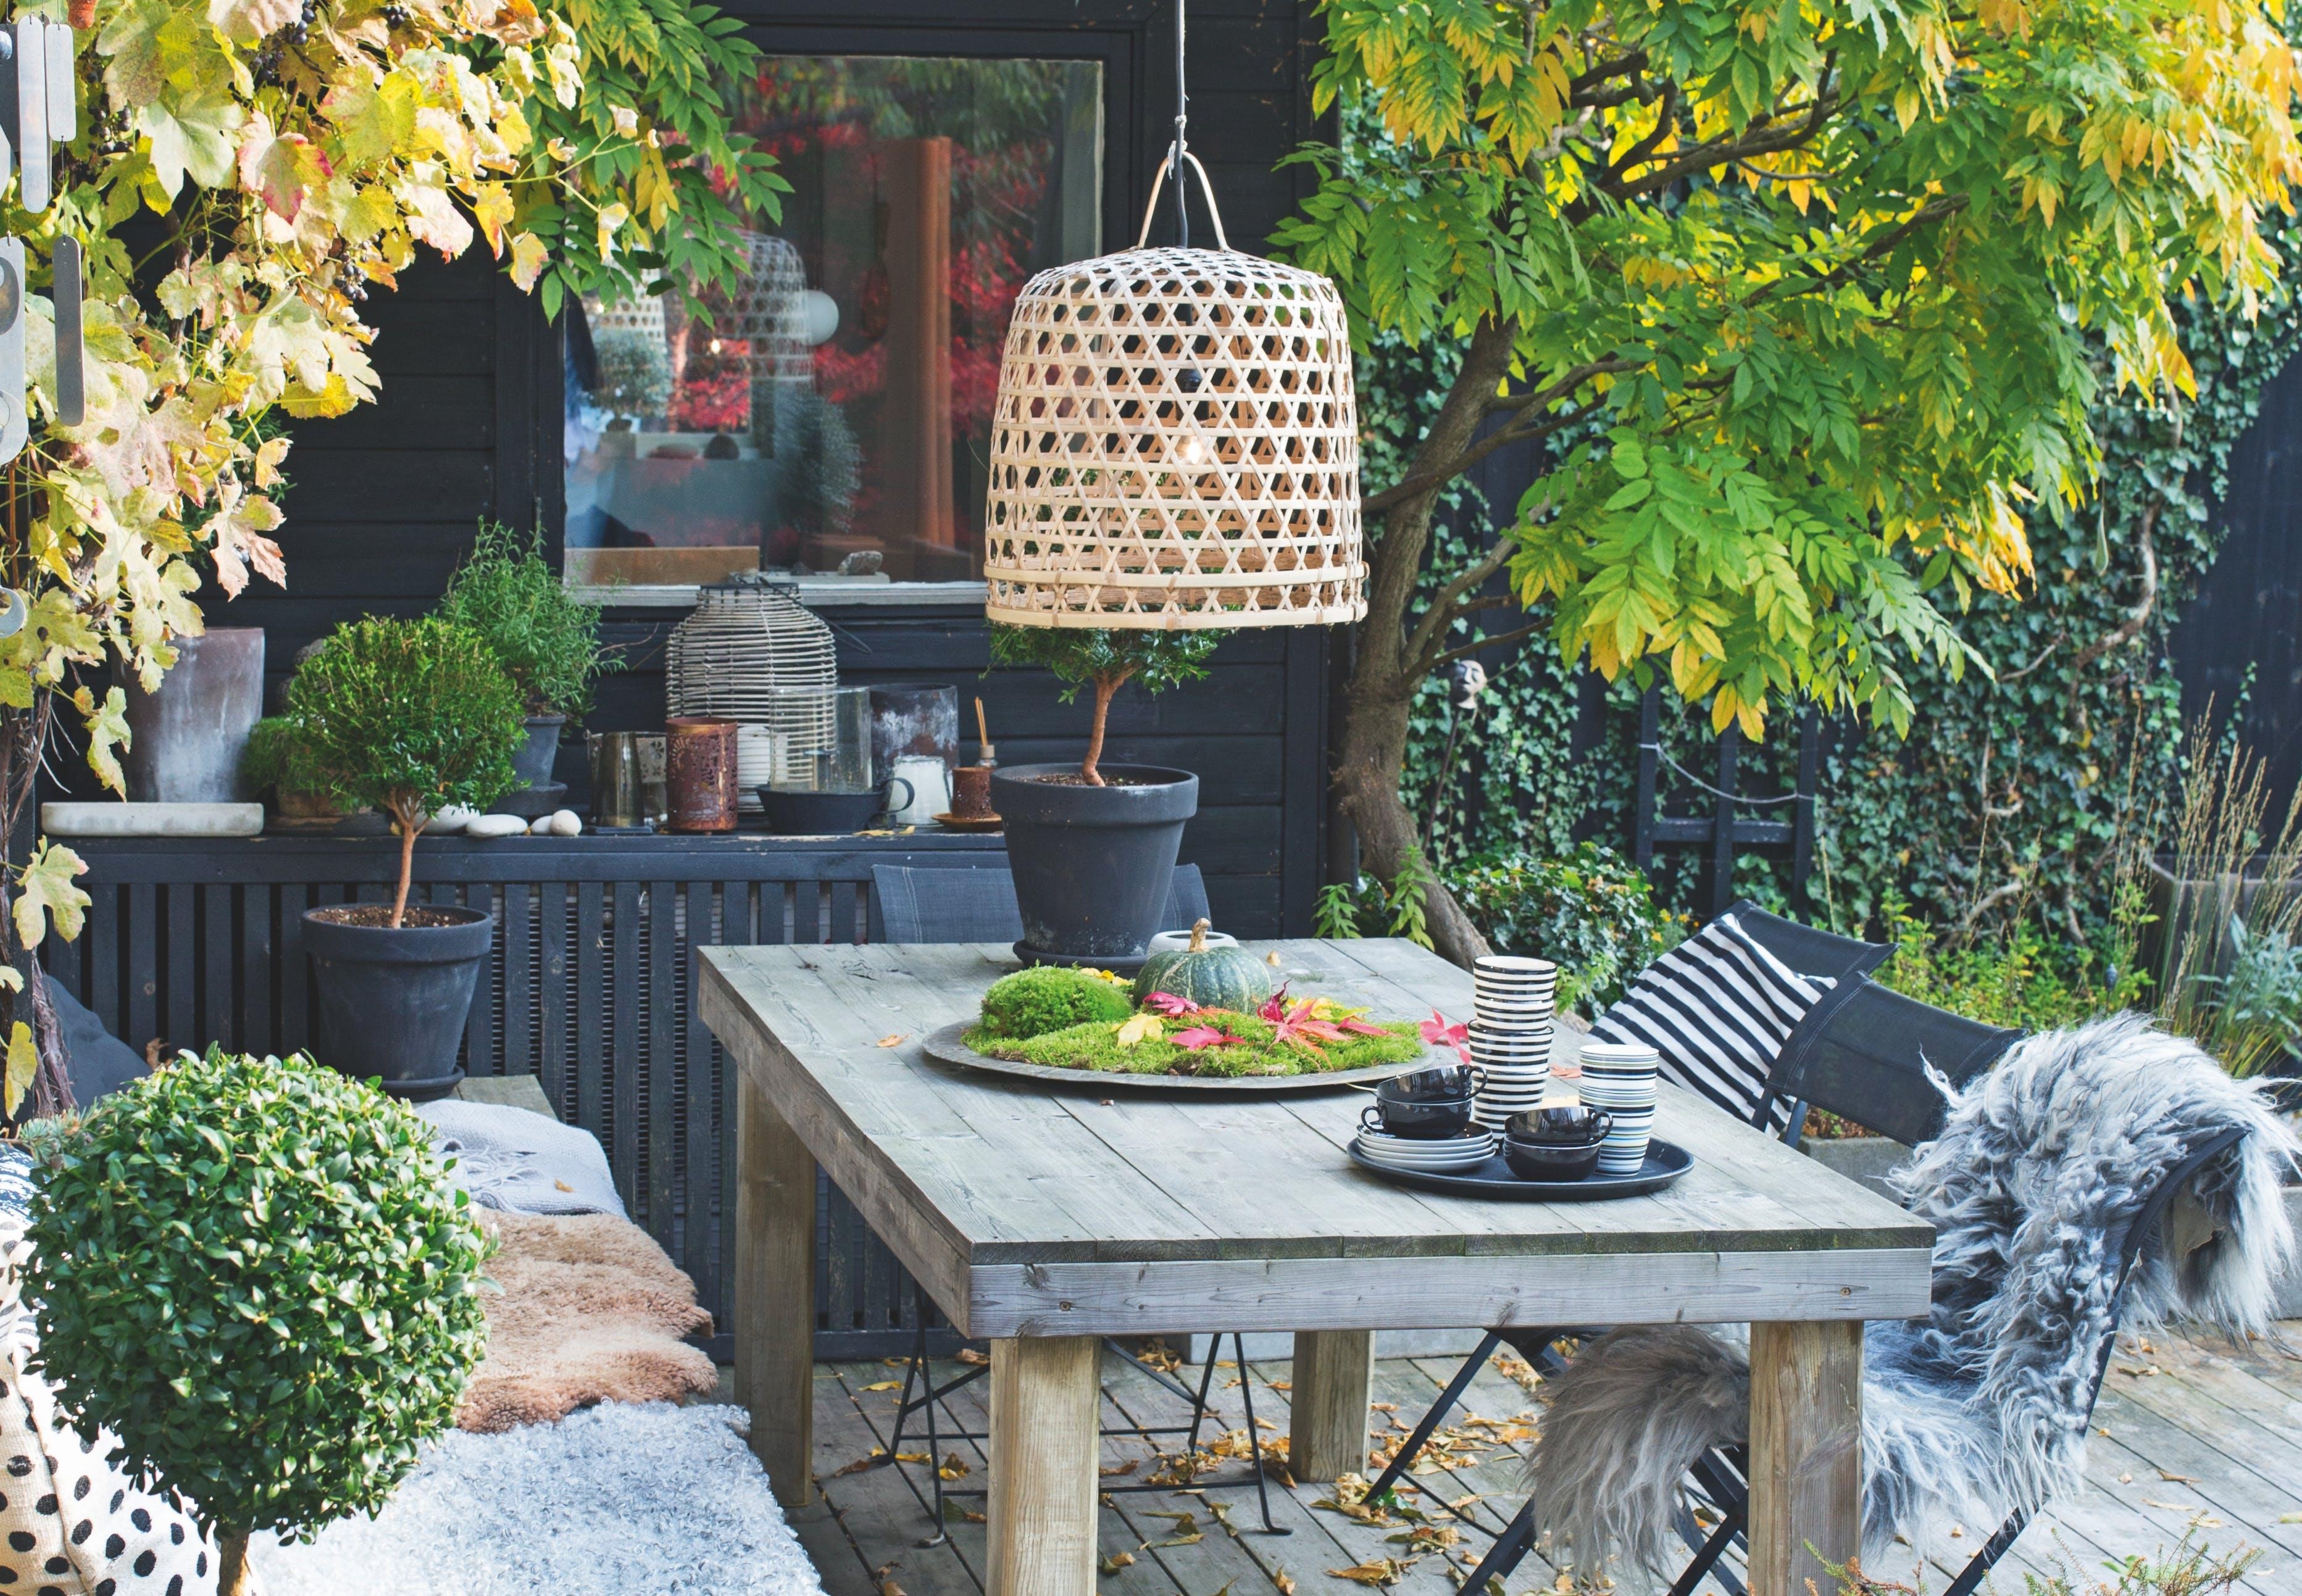 efterårshave med terrasse med bord og plaider og stole